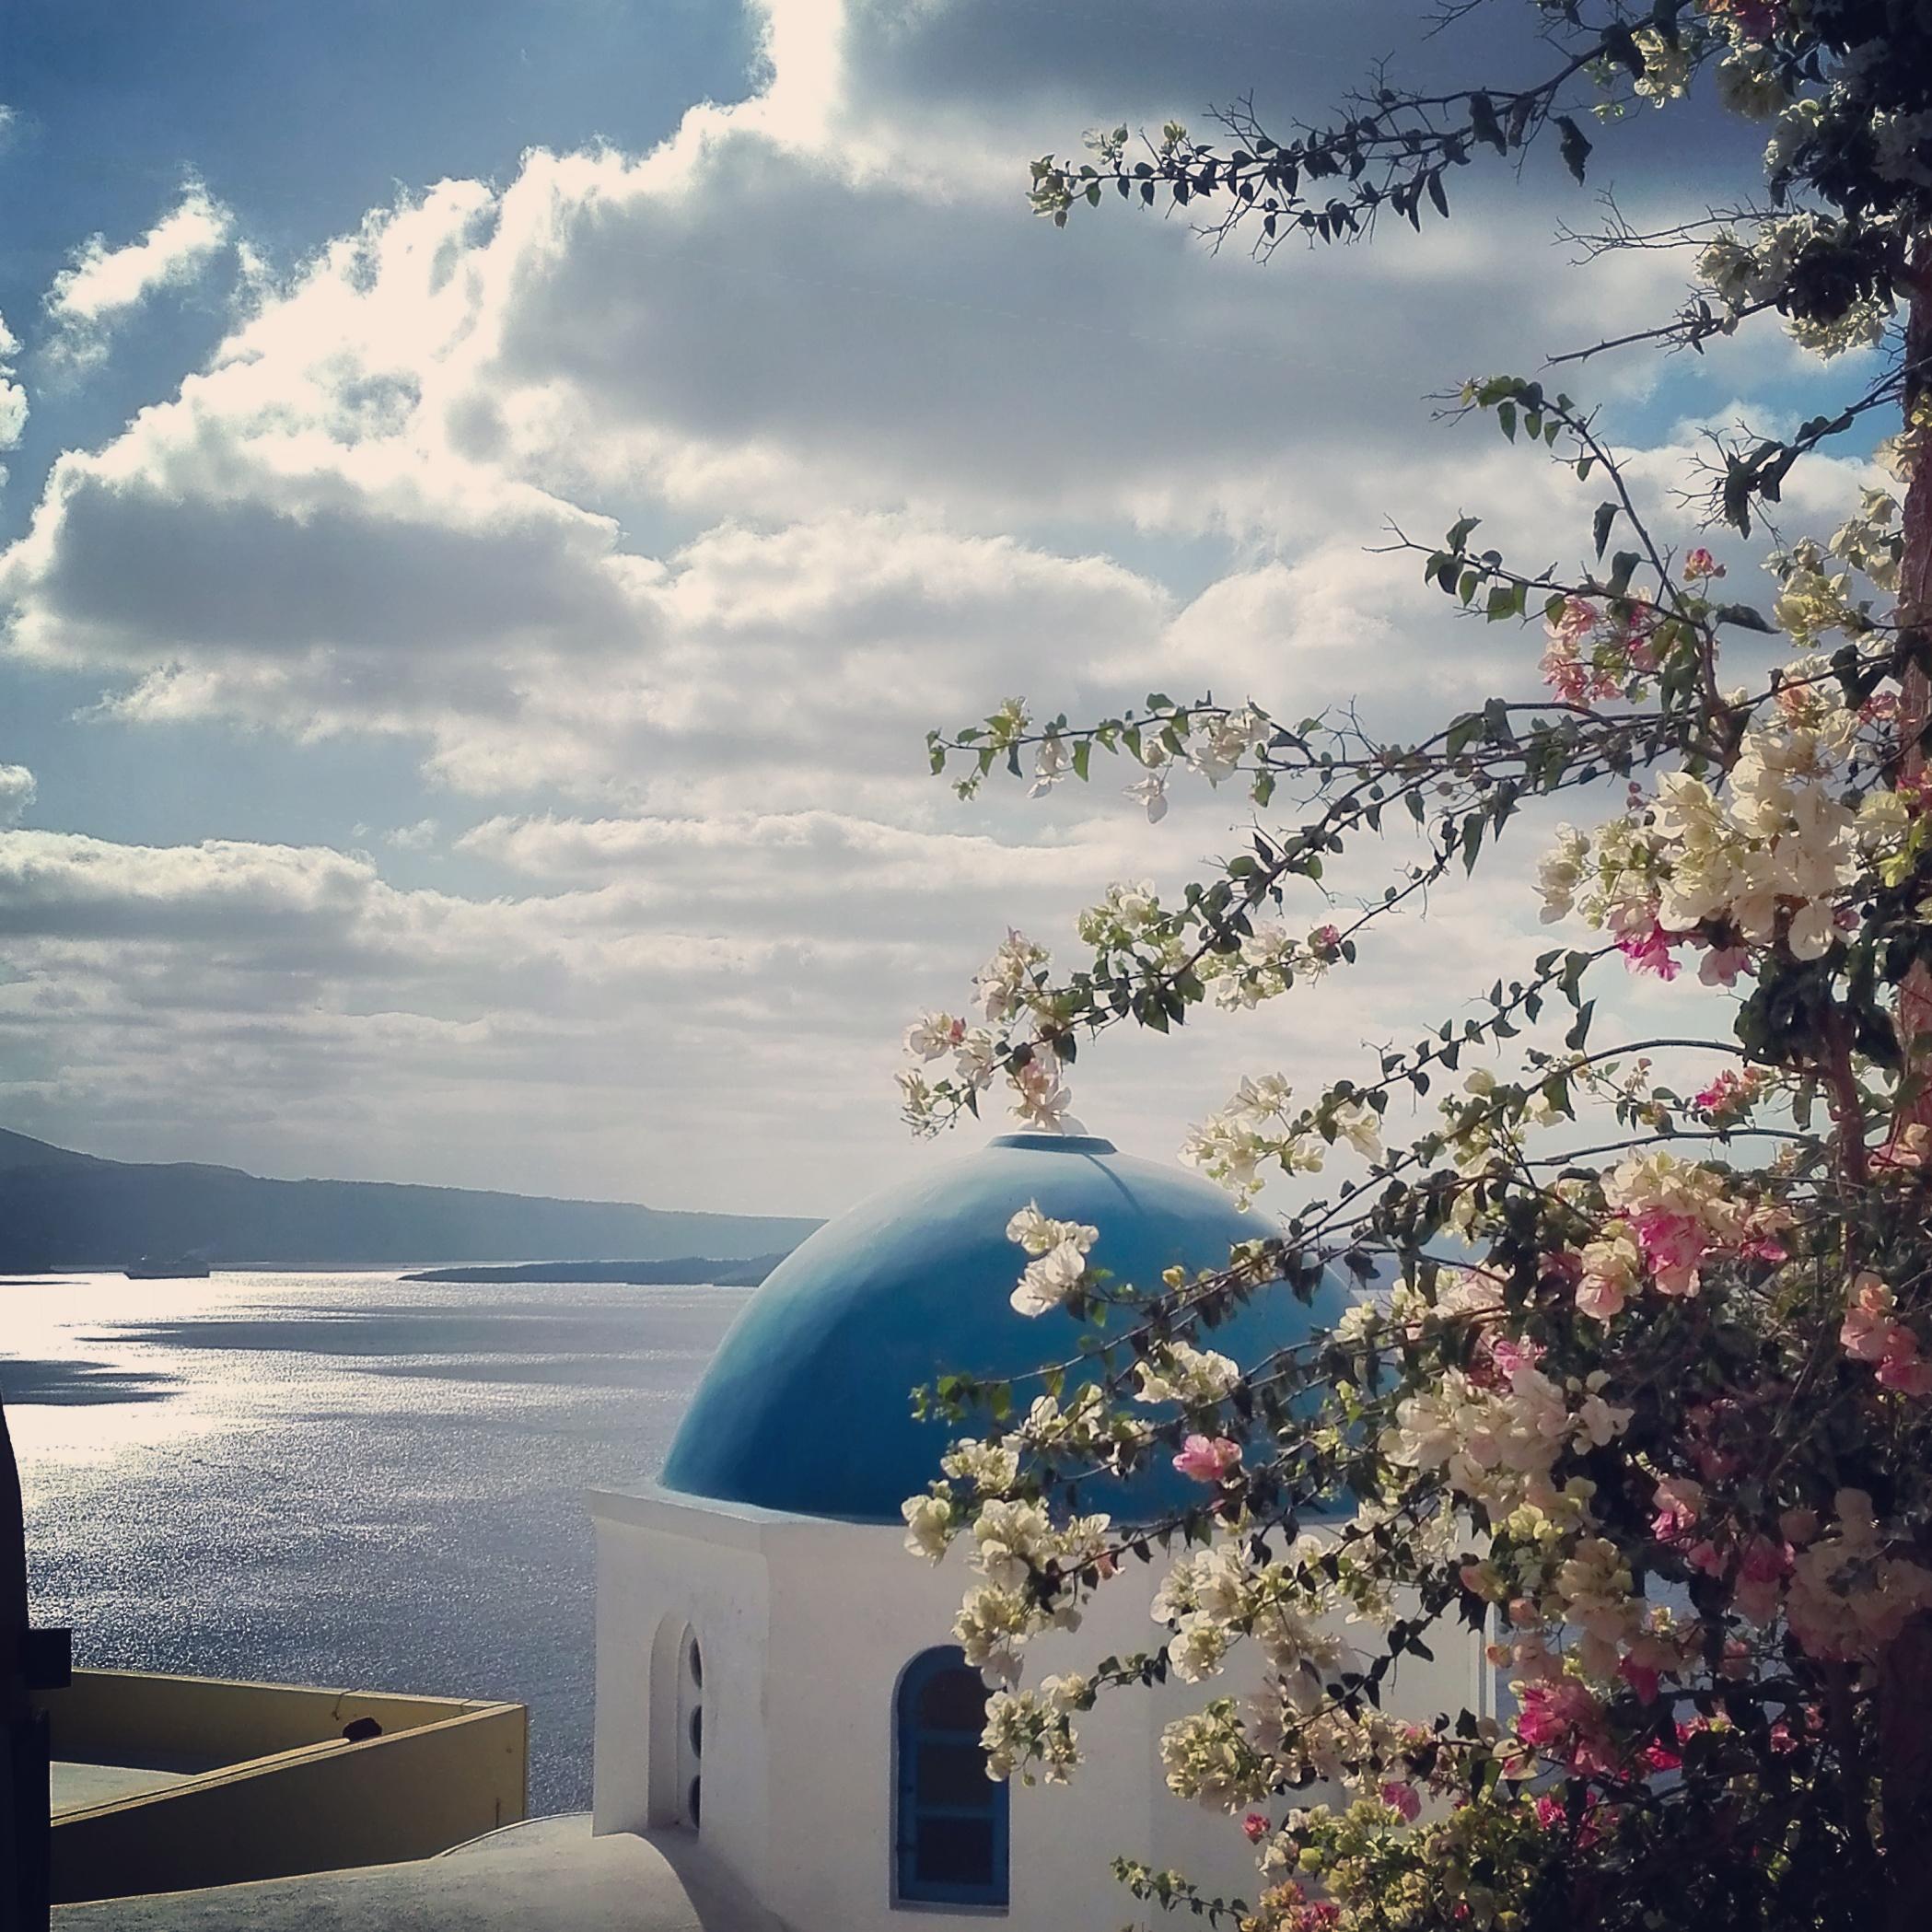 Viaggio in Grecia in catamarano: le isole da vedere durante una vacanza in mare